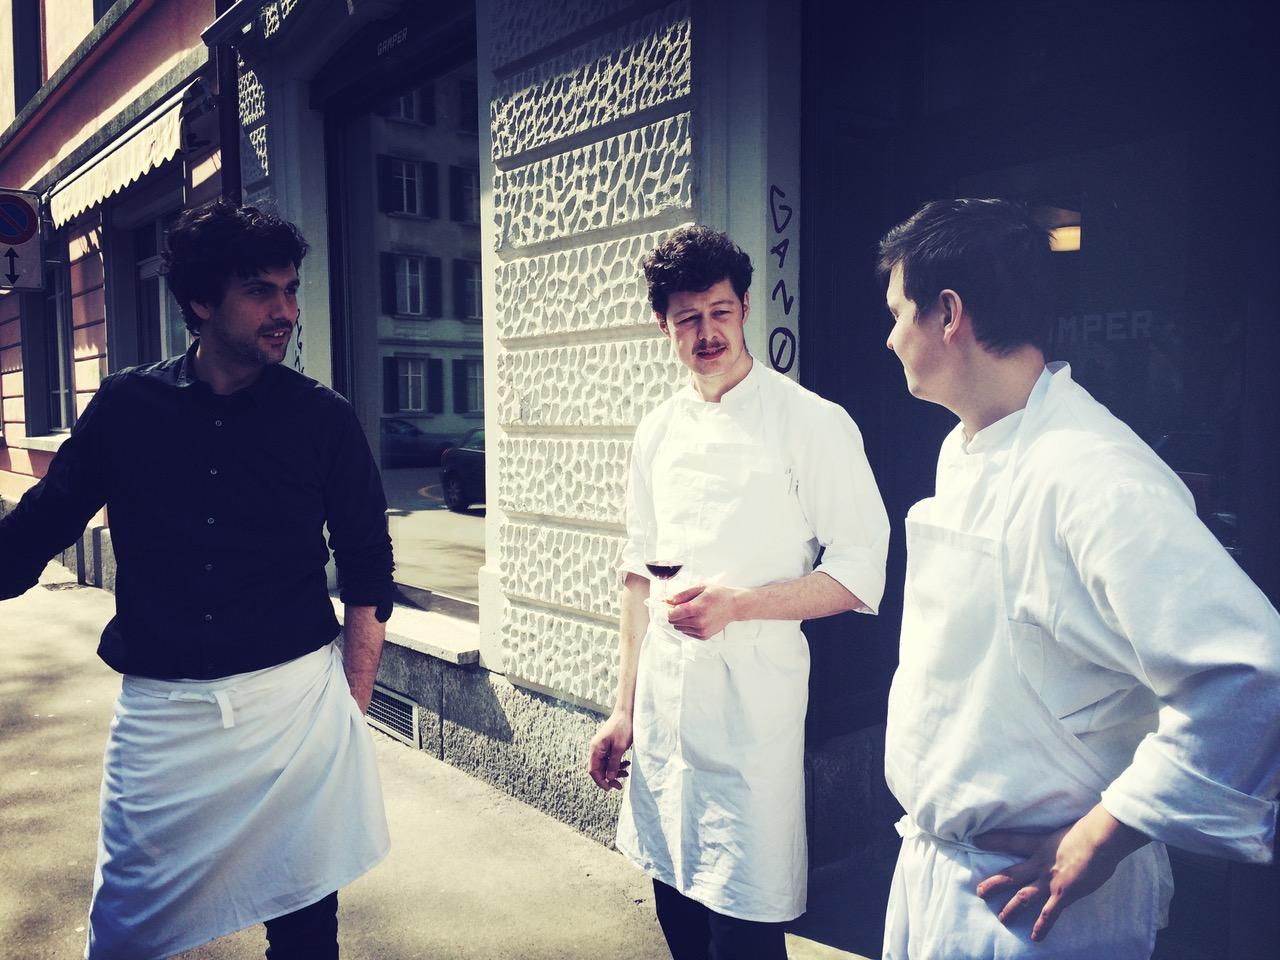 Teamfoto: Restaurant Gamper